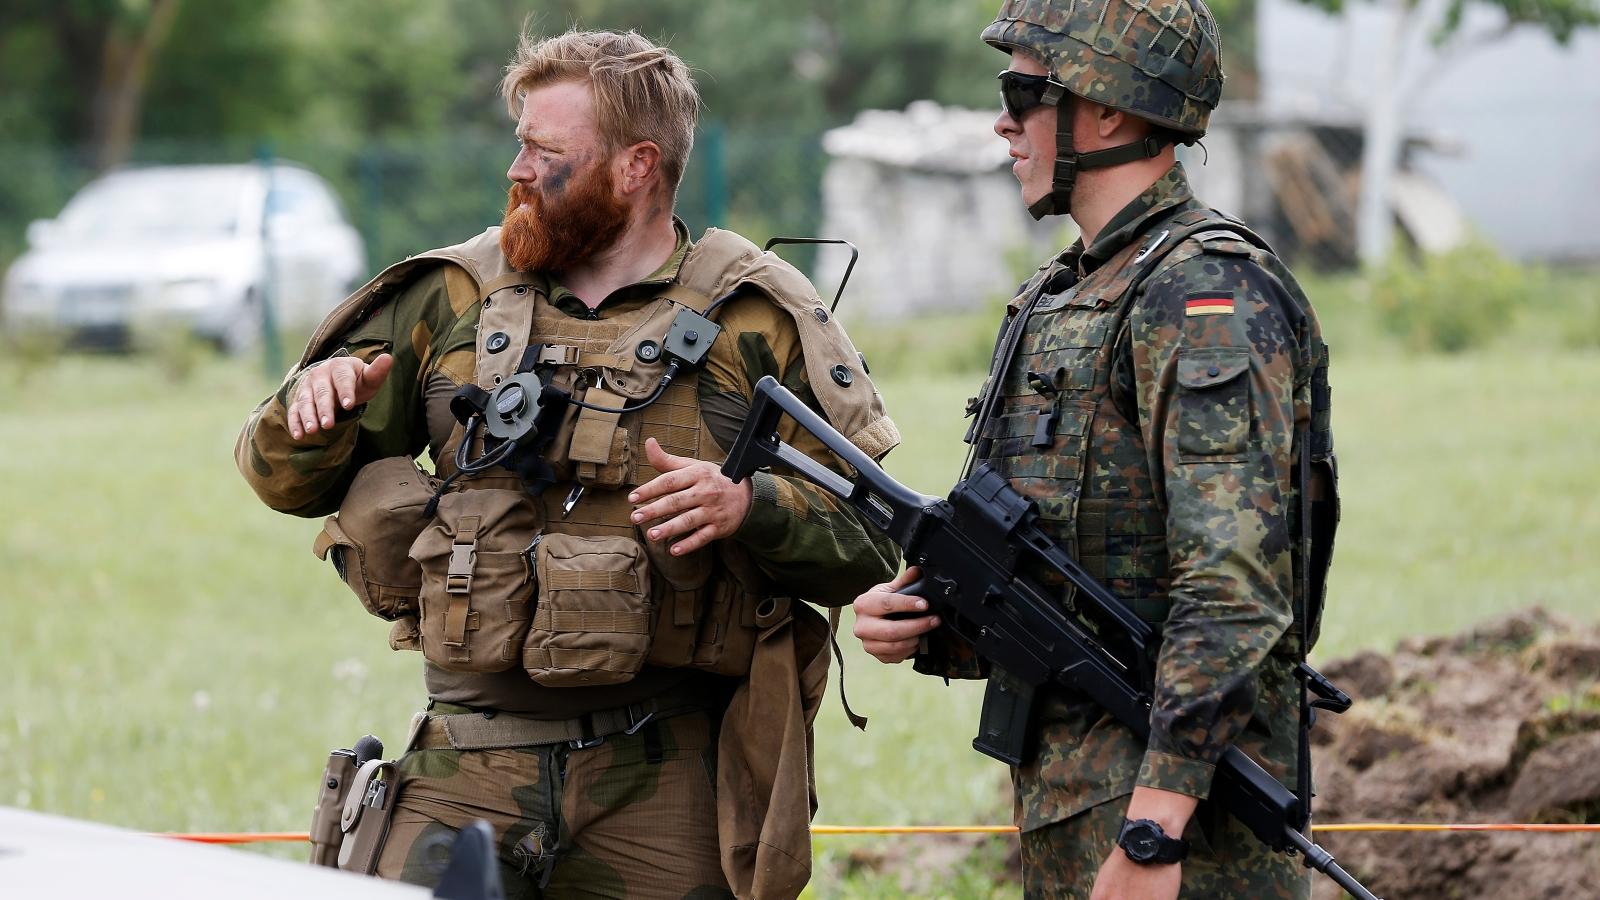 14 milliarder til forsvarsfond. EU utvider militærsamarbeidet, delvis til erstatning for Nato. Norge er tilsluttet EUs militærsamarbeid, også gjennom bidrag til EUs kampgrupper. Her står en soldat fra Telemark bataljon sammen med en tysk soldat under NATO-operasjonen Enhanced Forward Presence i Litauen 2017.